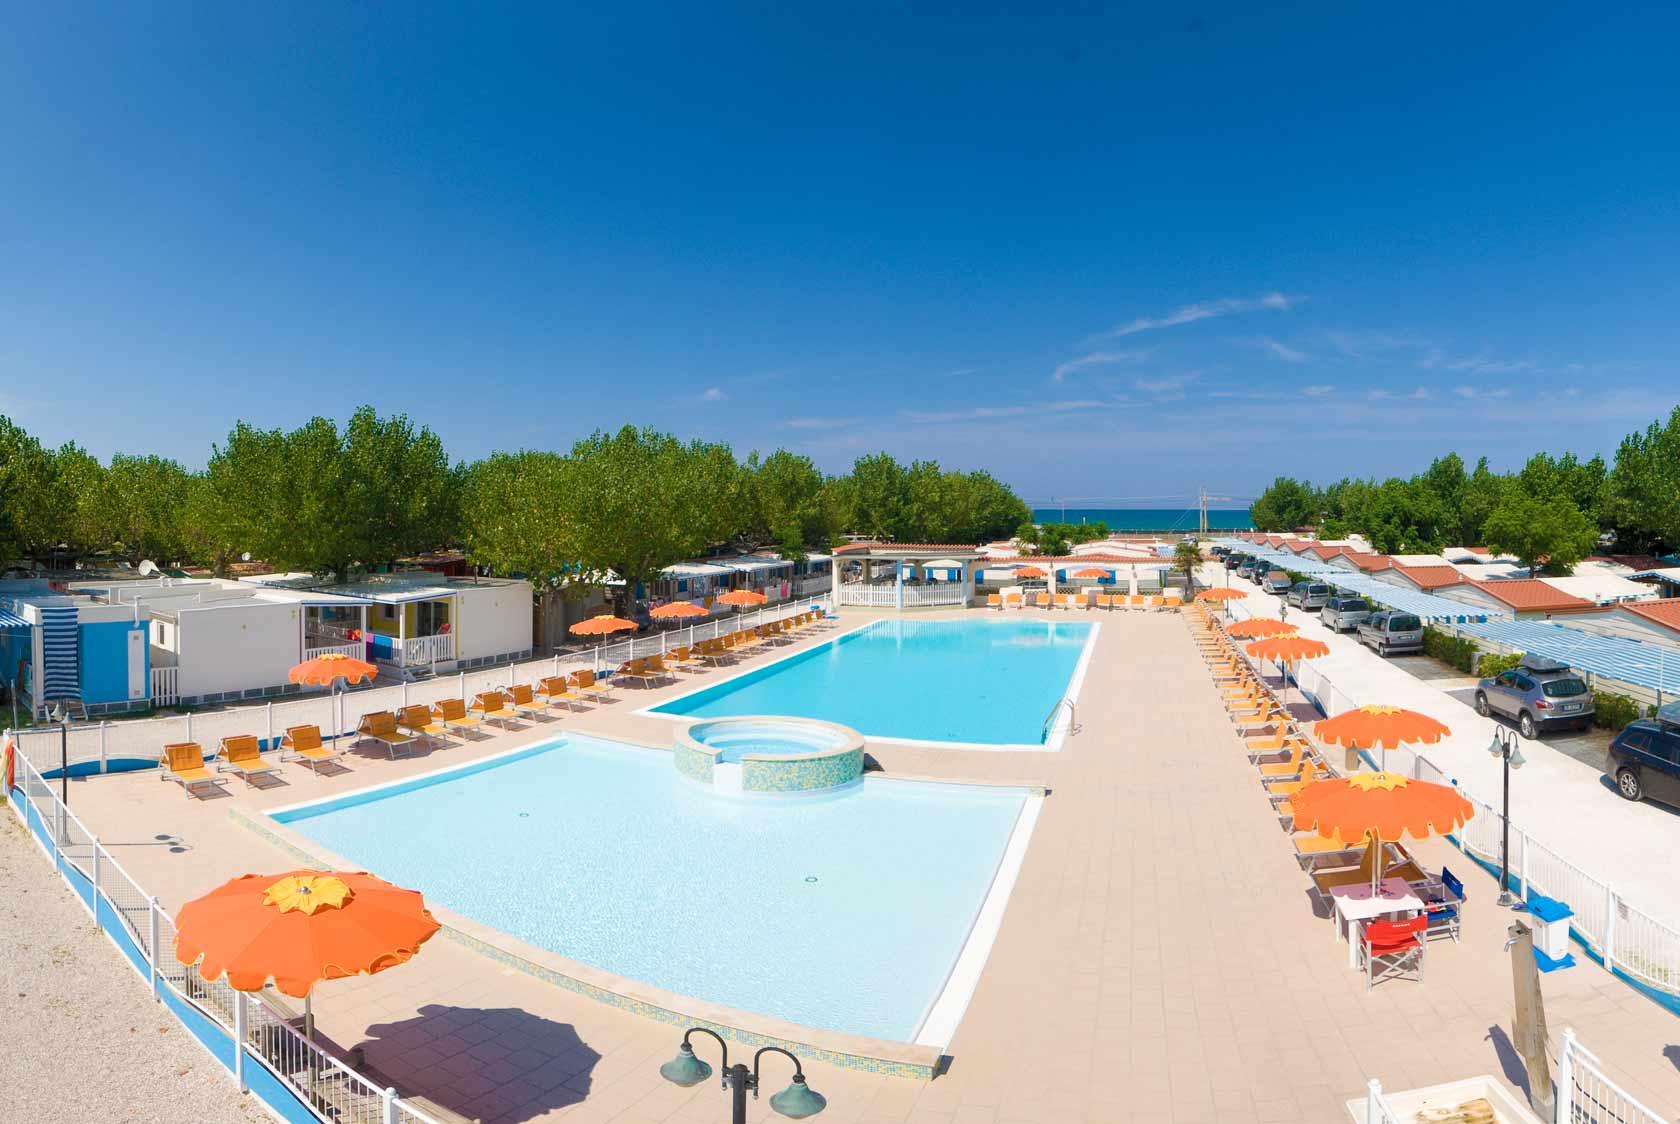 Camping marche campeggi fano pesaro camping fano mare blu - Campeggi con piscina marche ...